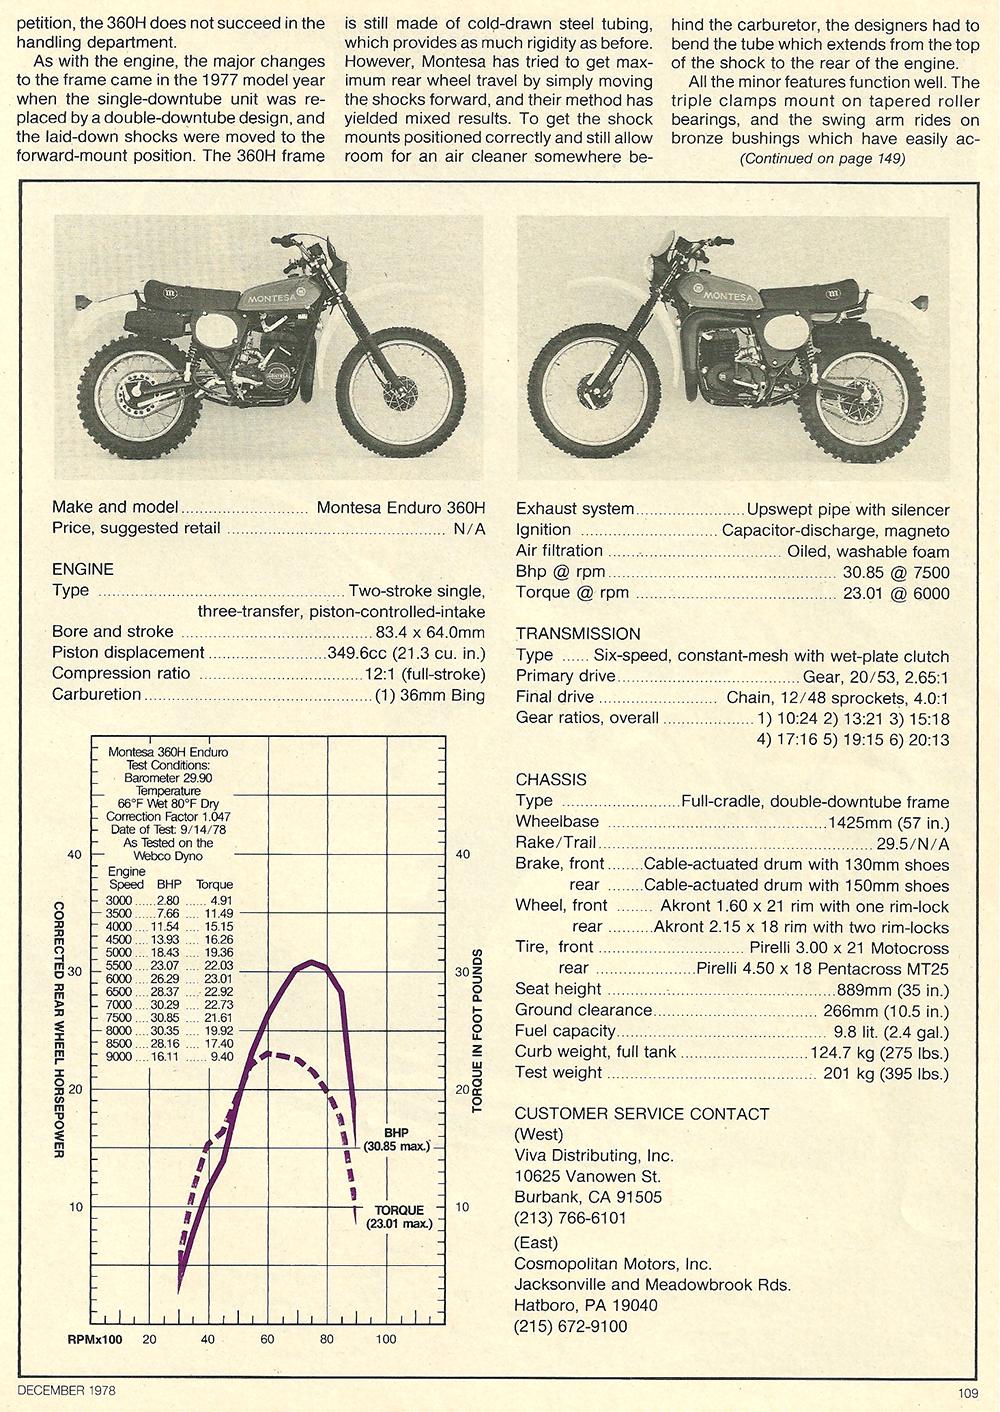 1978 Montesa enduro 360H road test 06.jpg